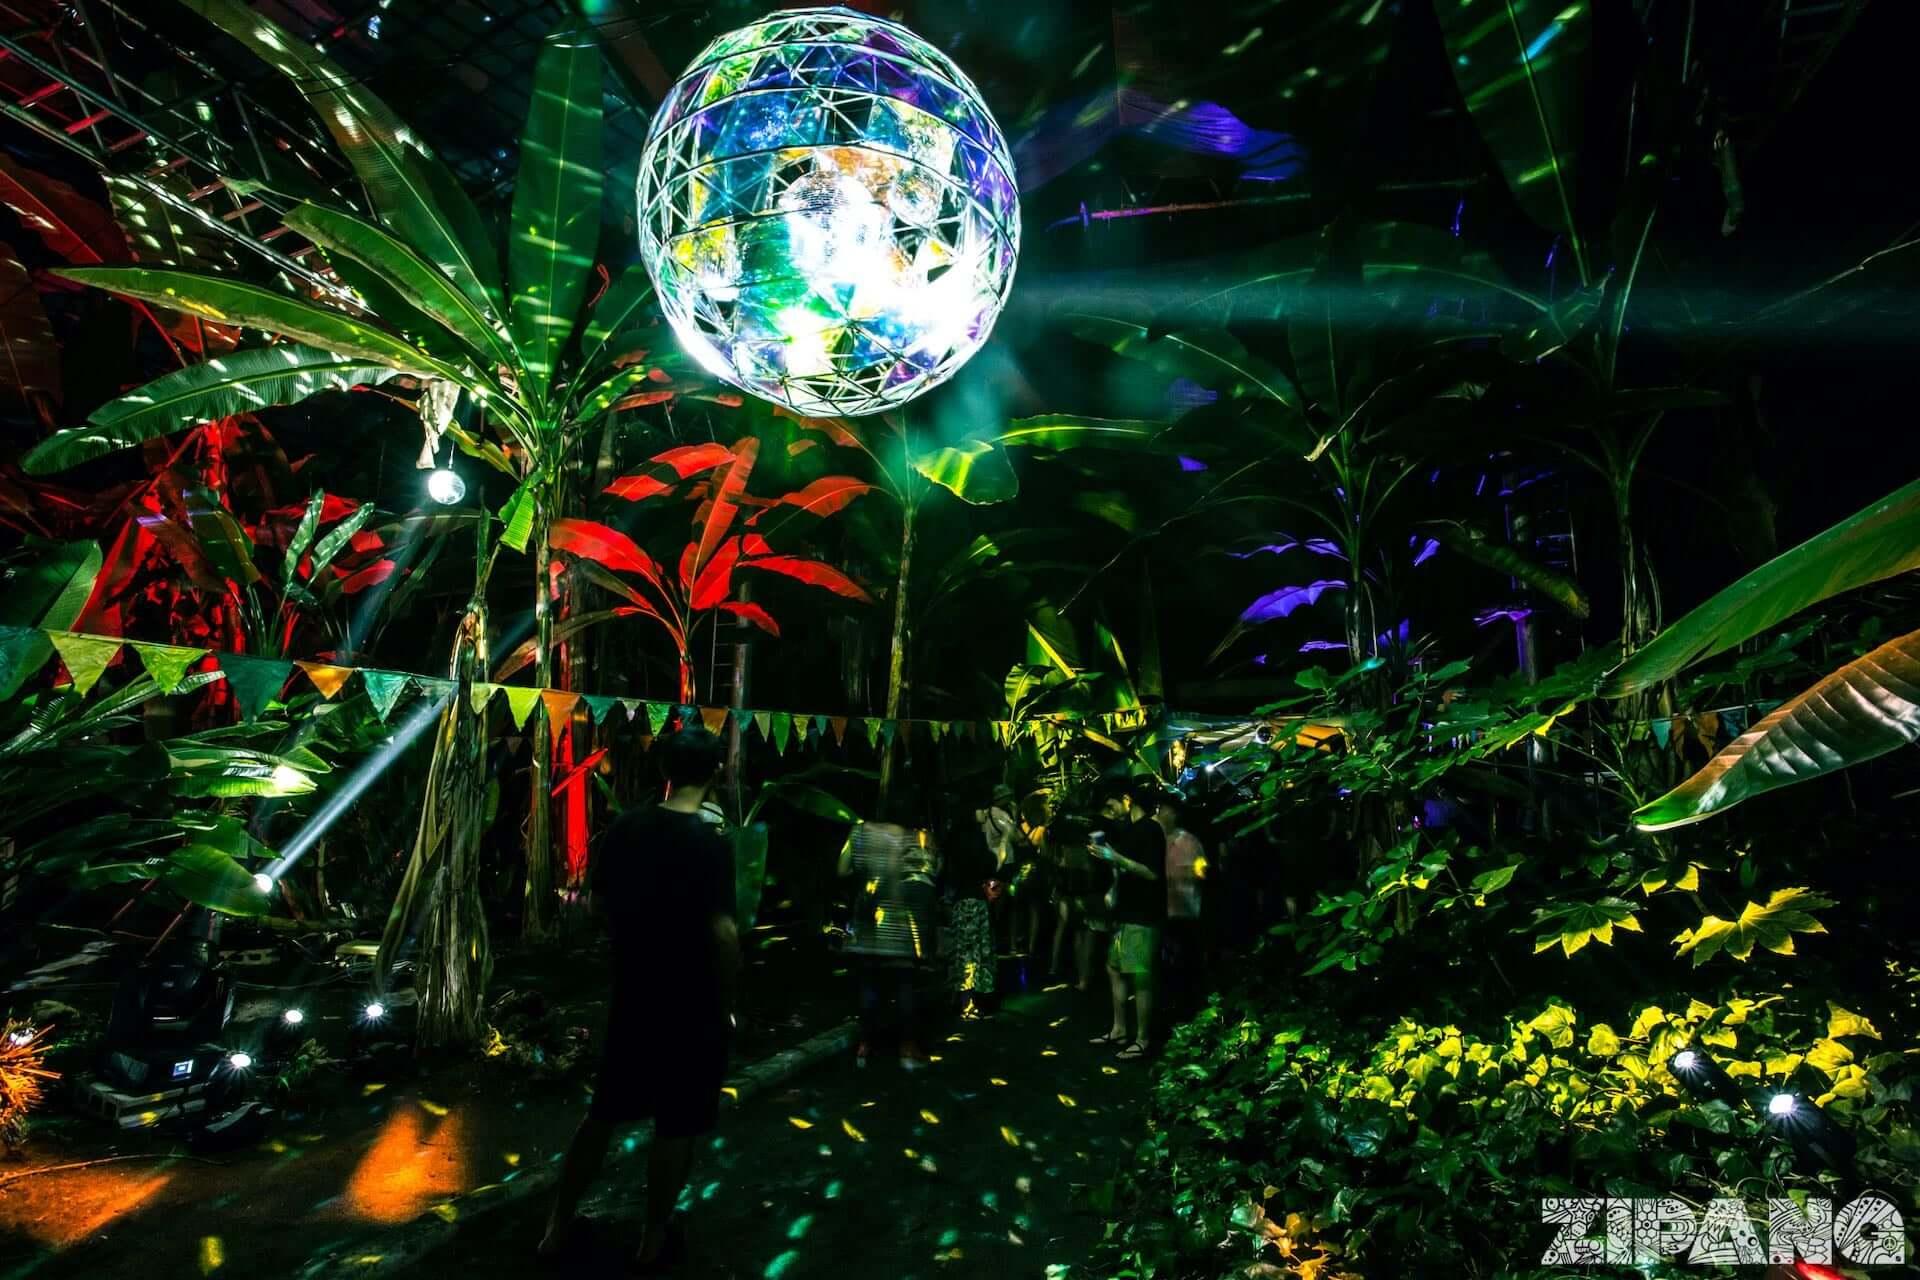 野外フェス<ZIPANG>が復活!DJ Nobu、Takaaki Itoh、Shhhhh、7eら出演のニューベニュー・ローンチパーティーが開催決定 music210311_zipang_2-1920x1280